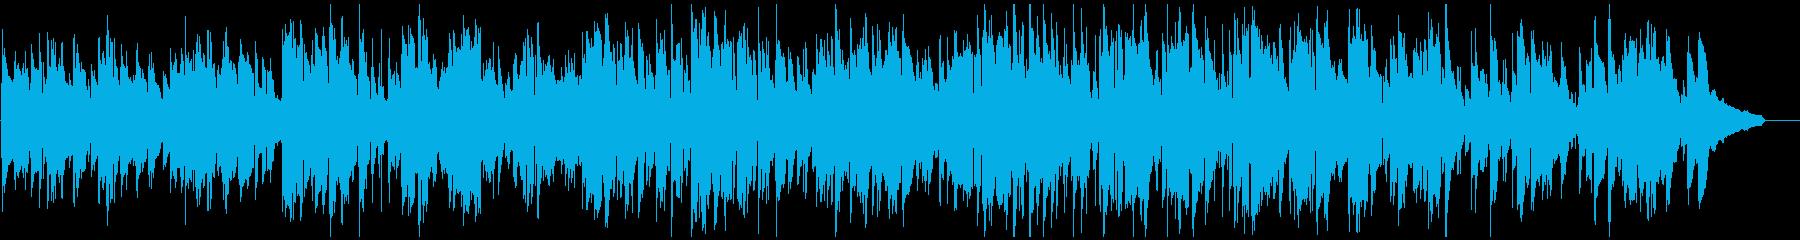 ミディアムスイングゆったりジャズサックスの再生済みの波形